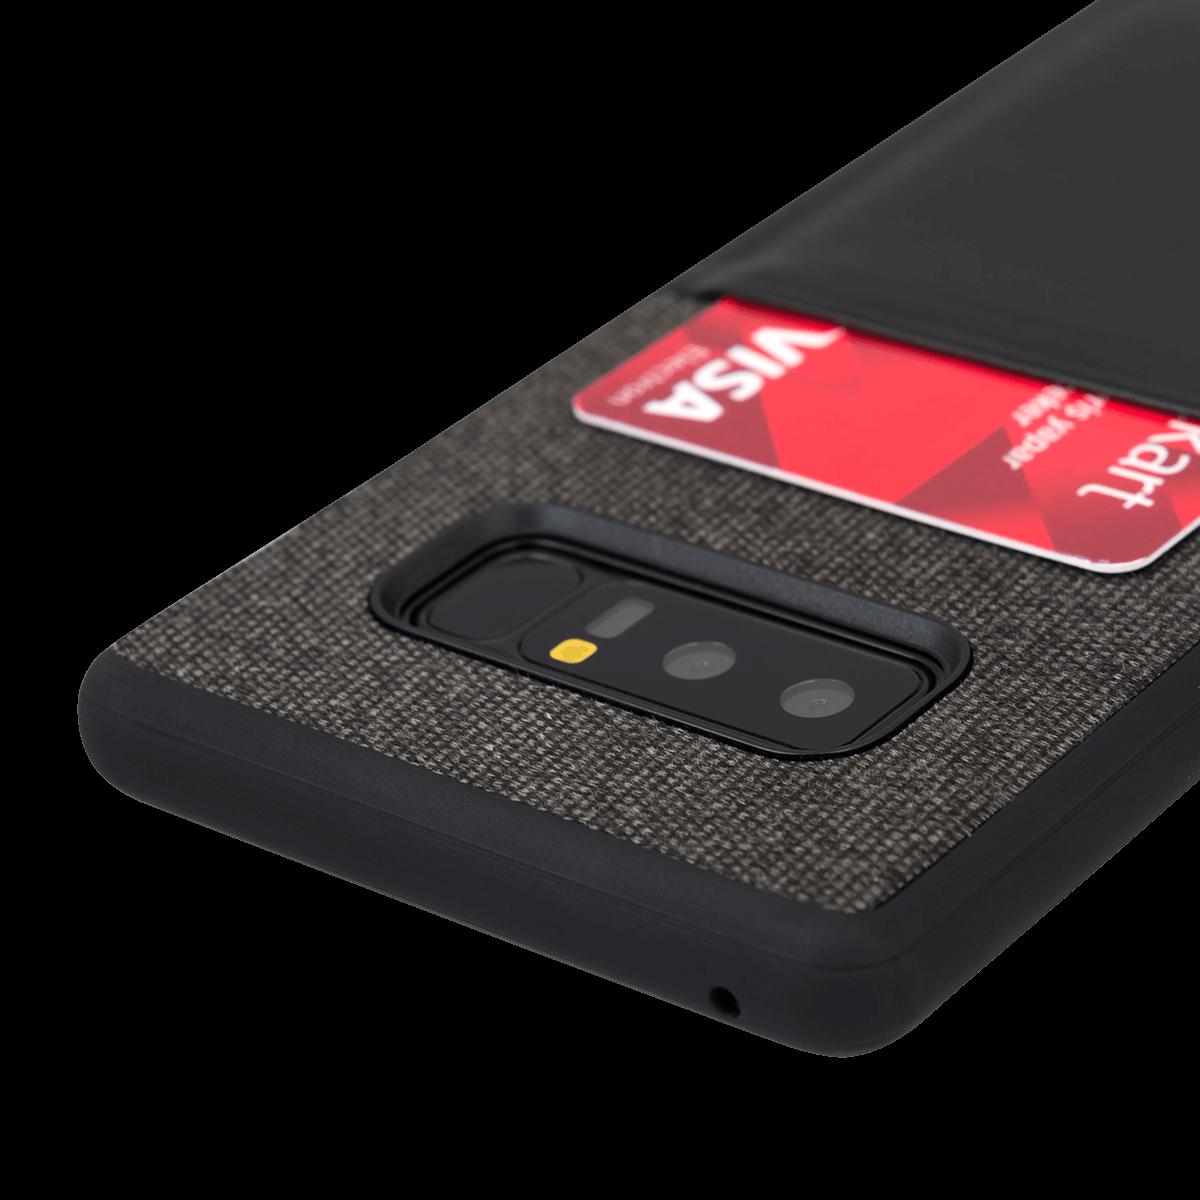 Samsung Note 8 için spada Fashion Pocket Siyah renkli kapak